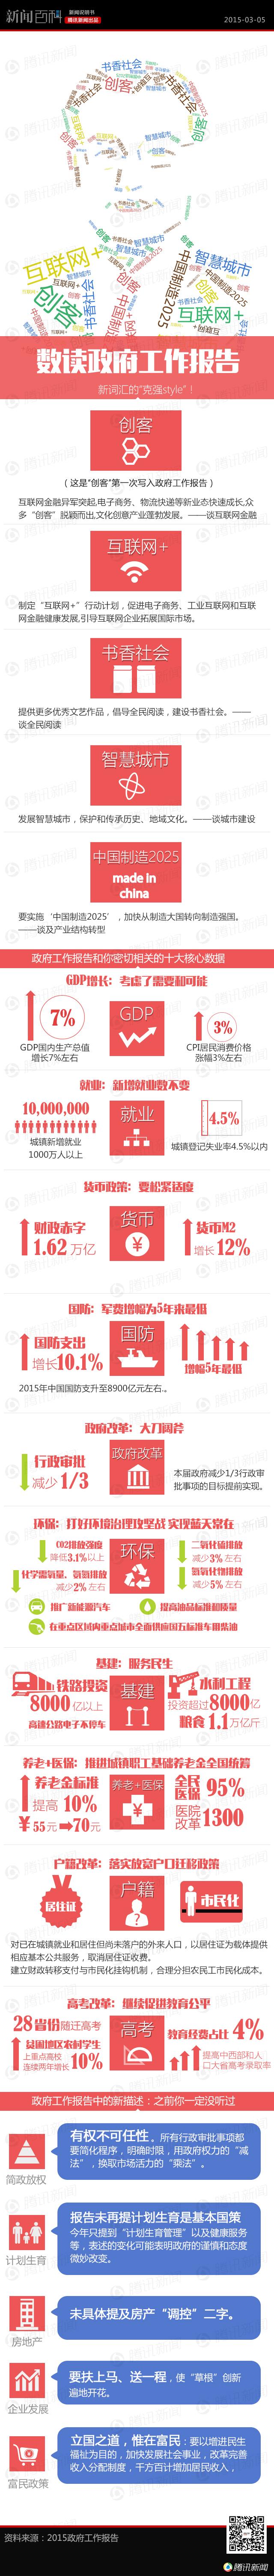 【图文】中国到底有多少财富? - 好运来房產袁维涛 - 建湖县好运来房产13092110009